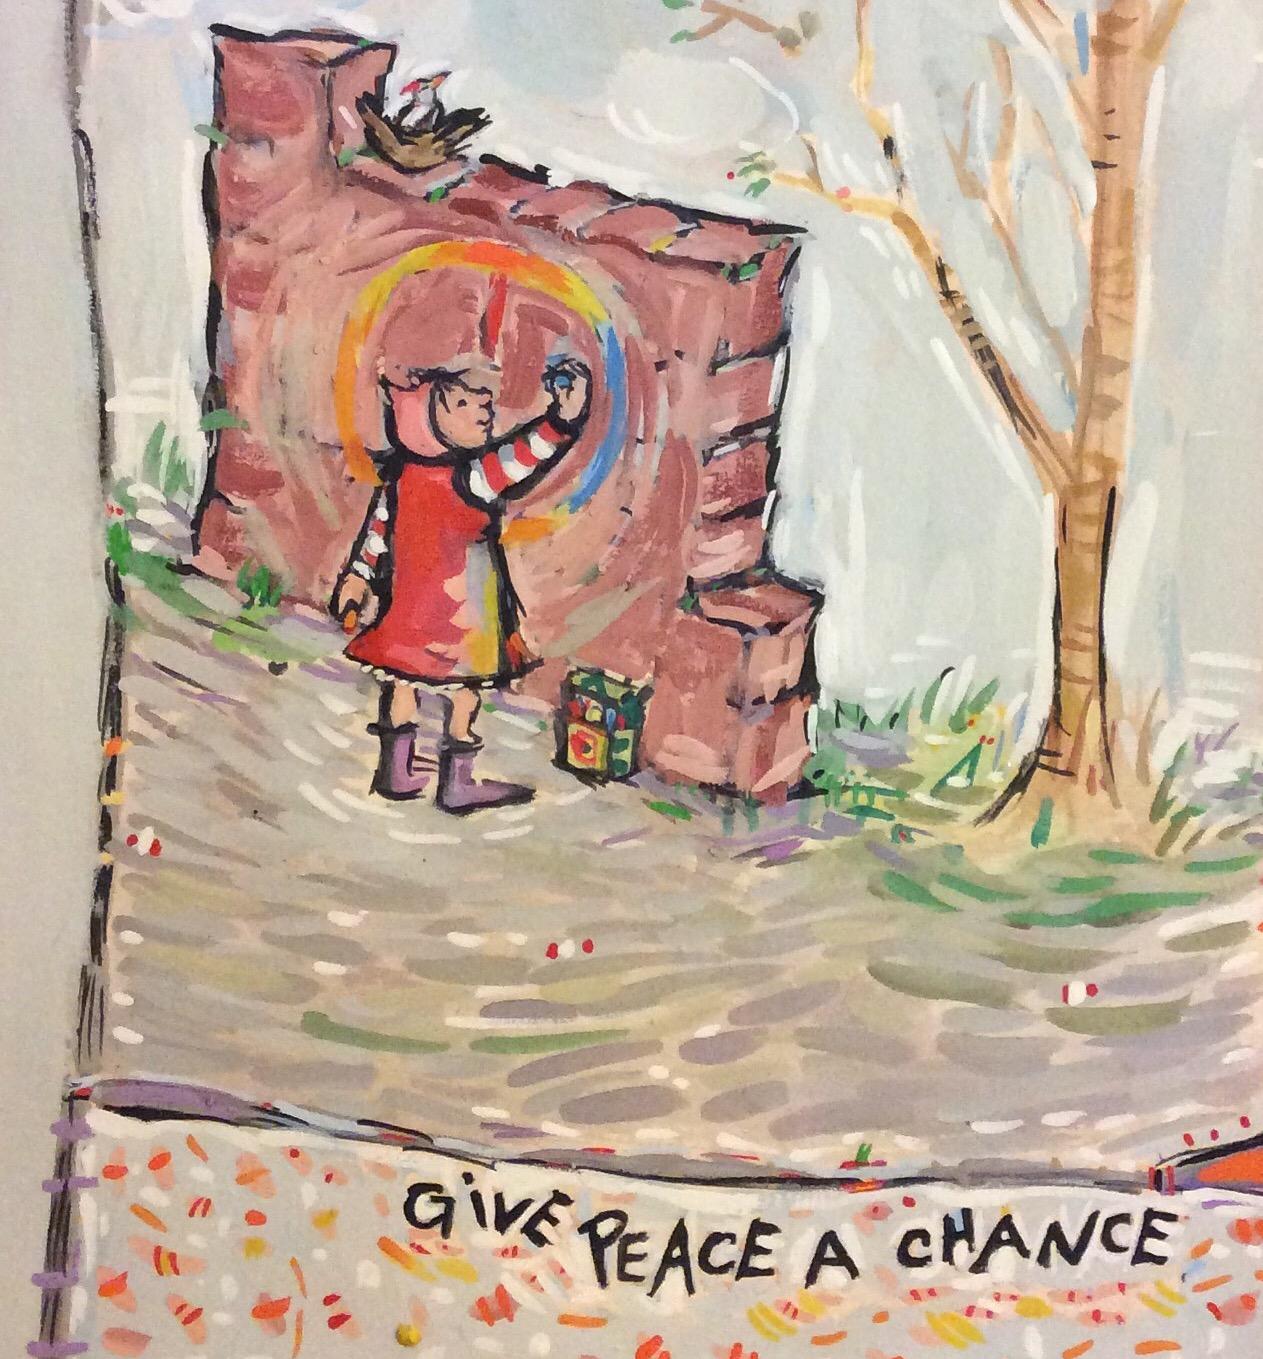 KHG Peace.jpeg